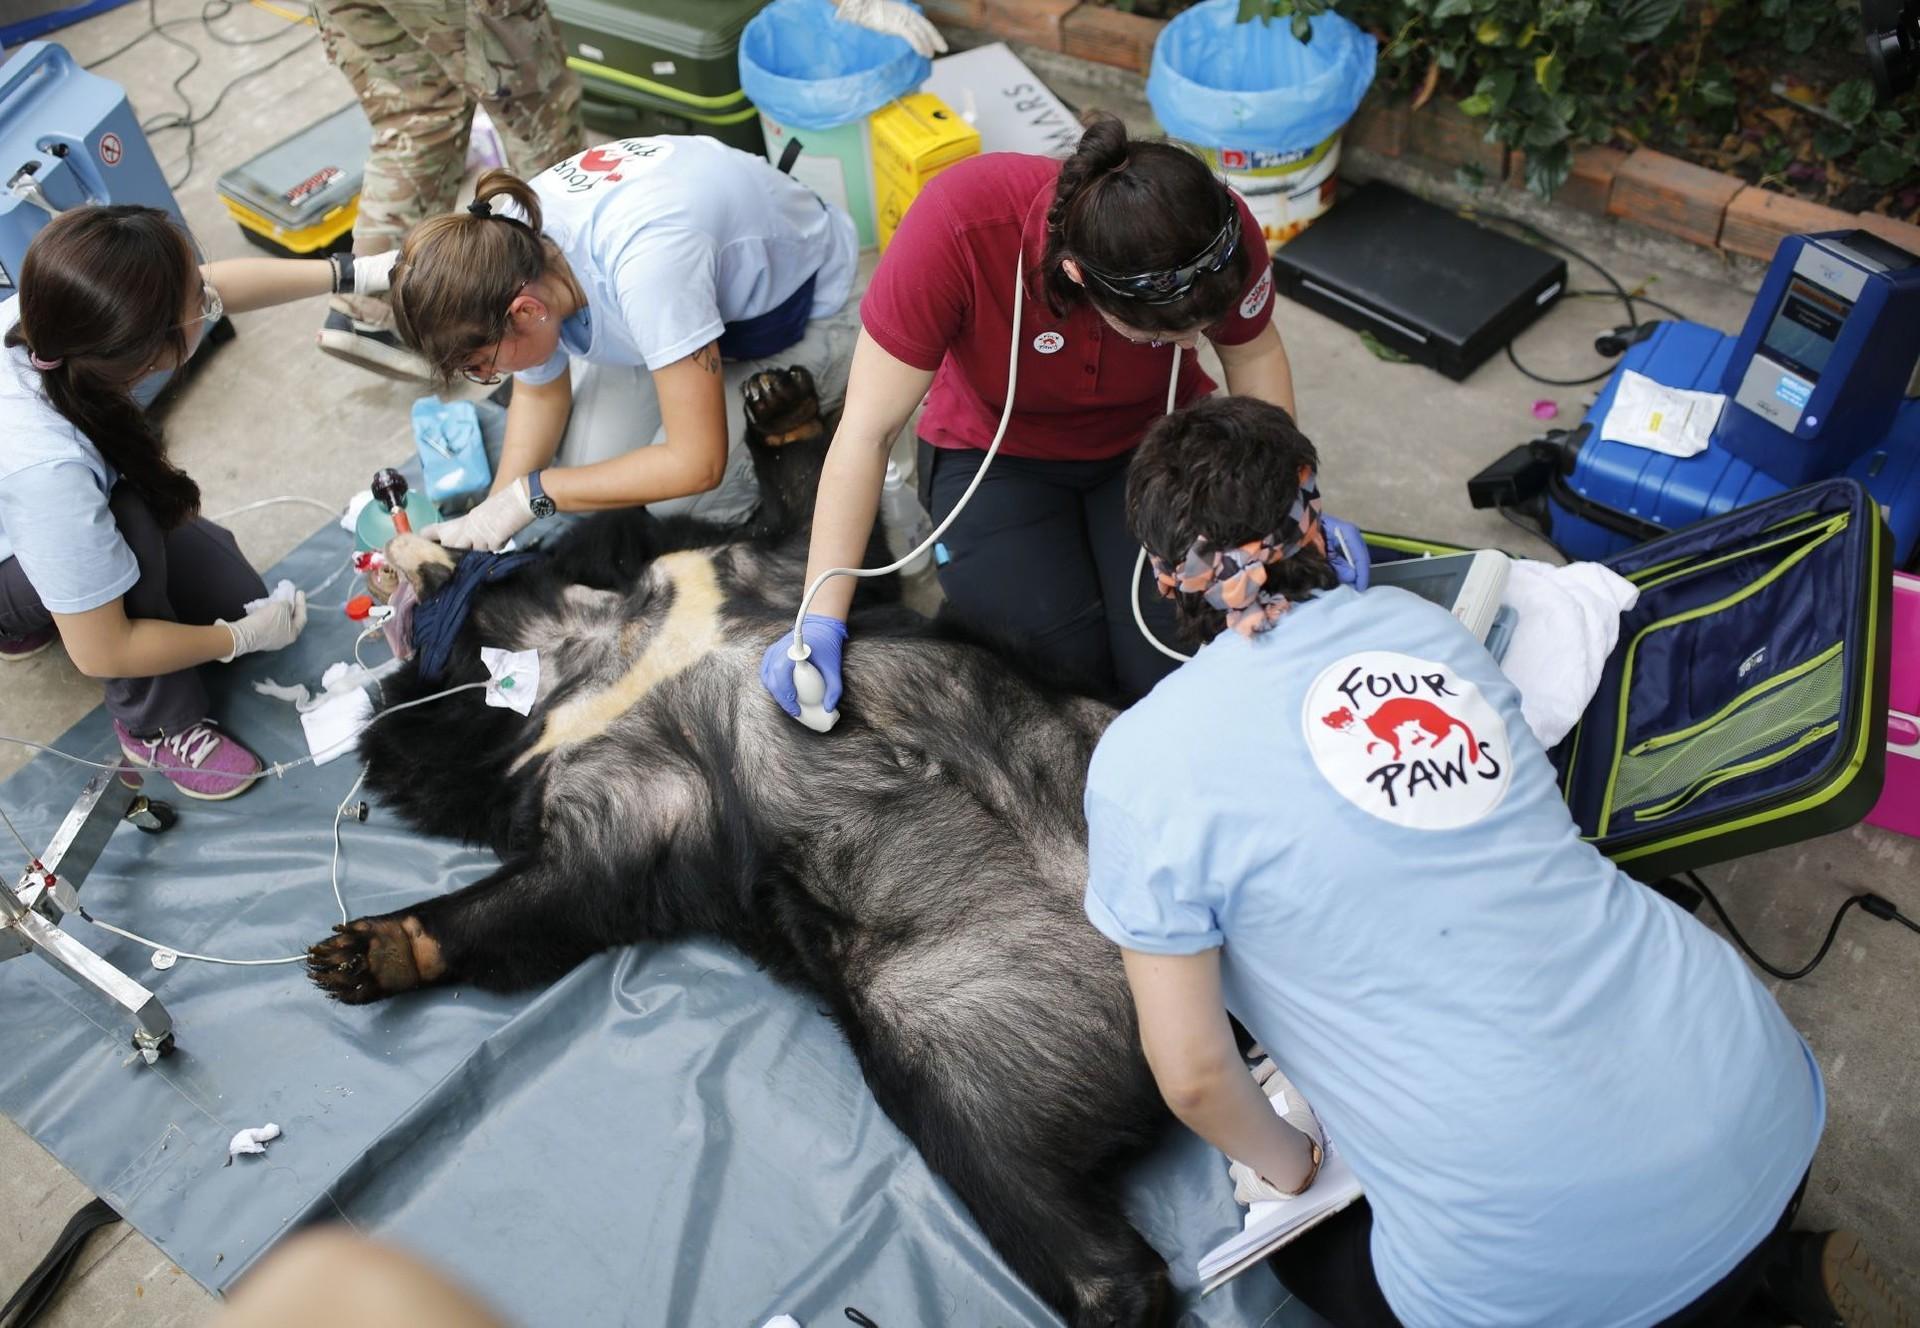 Geretteter Bär wird vor dem Transport untersucht